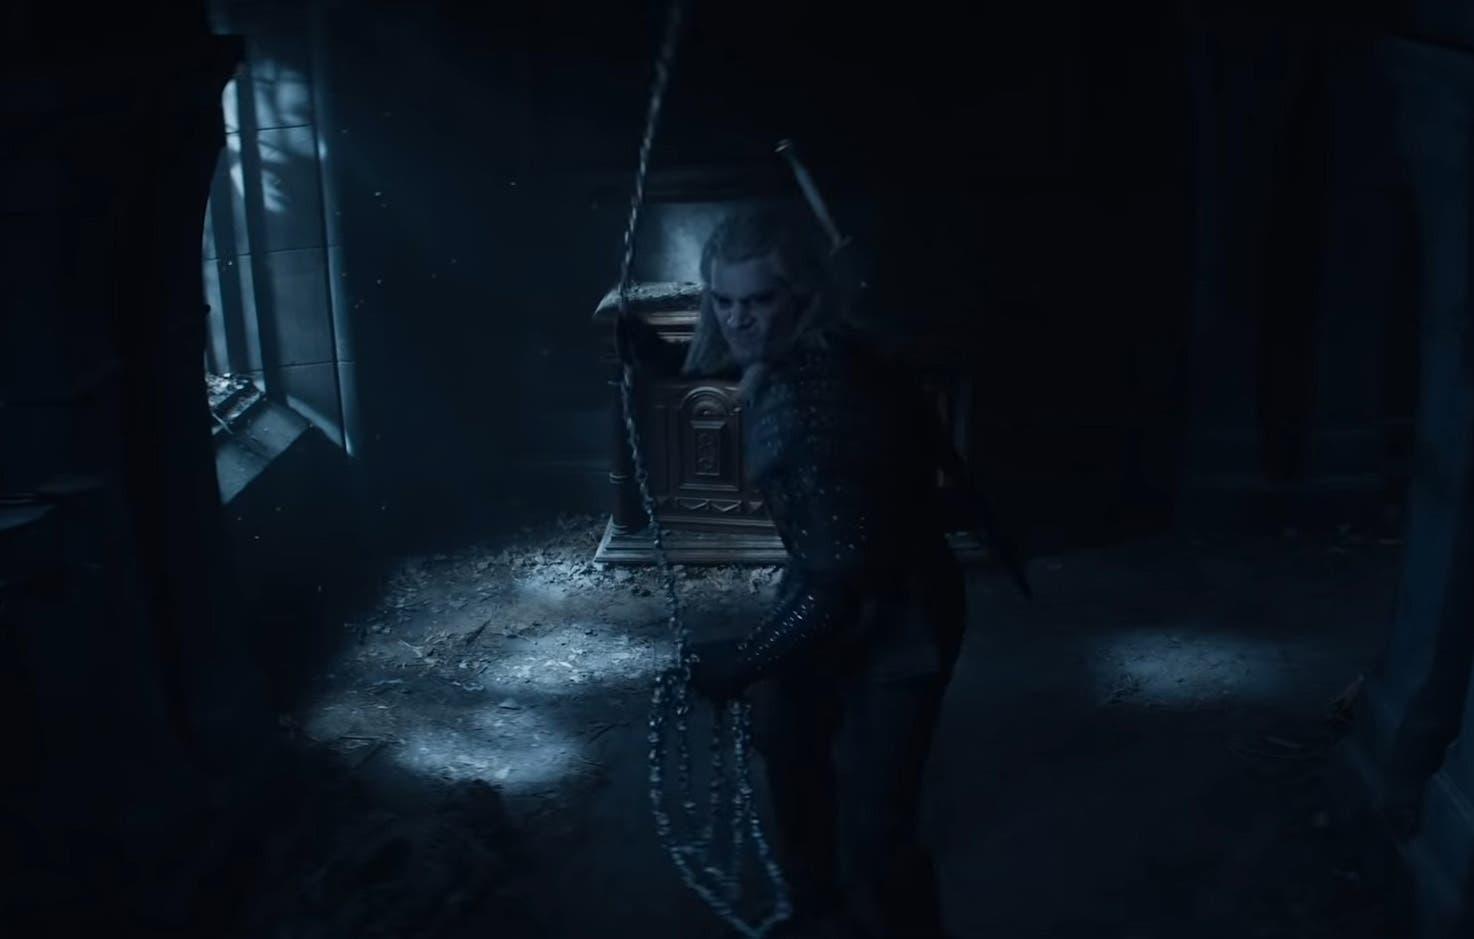 Qué podemos esperar de la primera temporada de The Witcher de Netflix 6